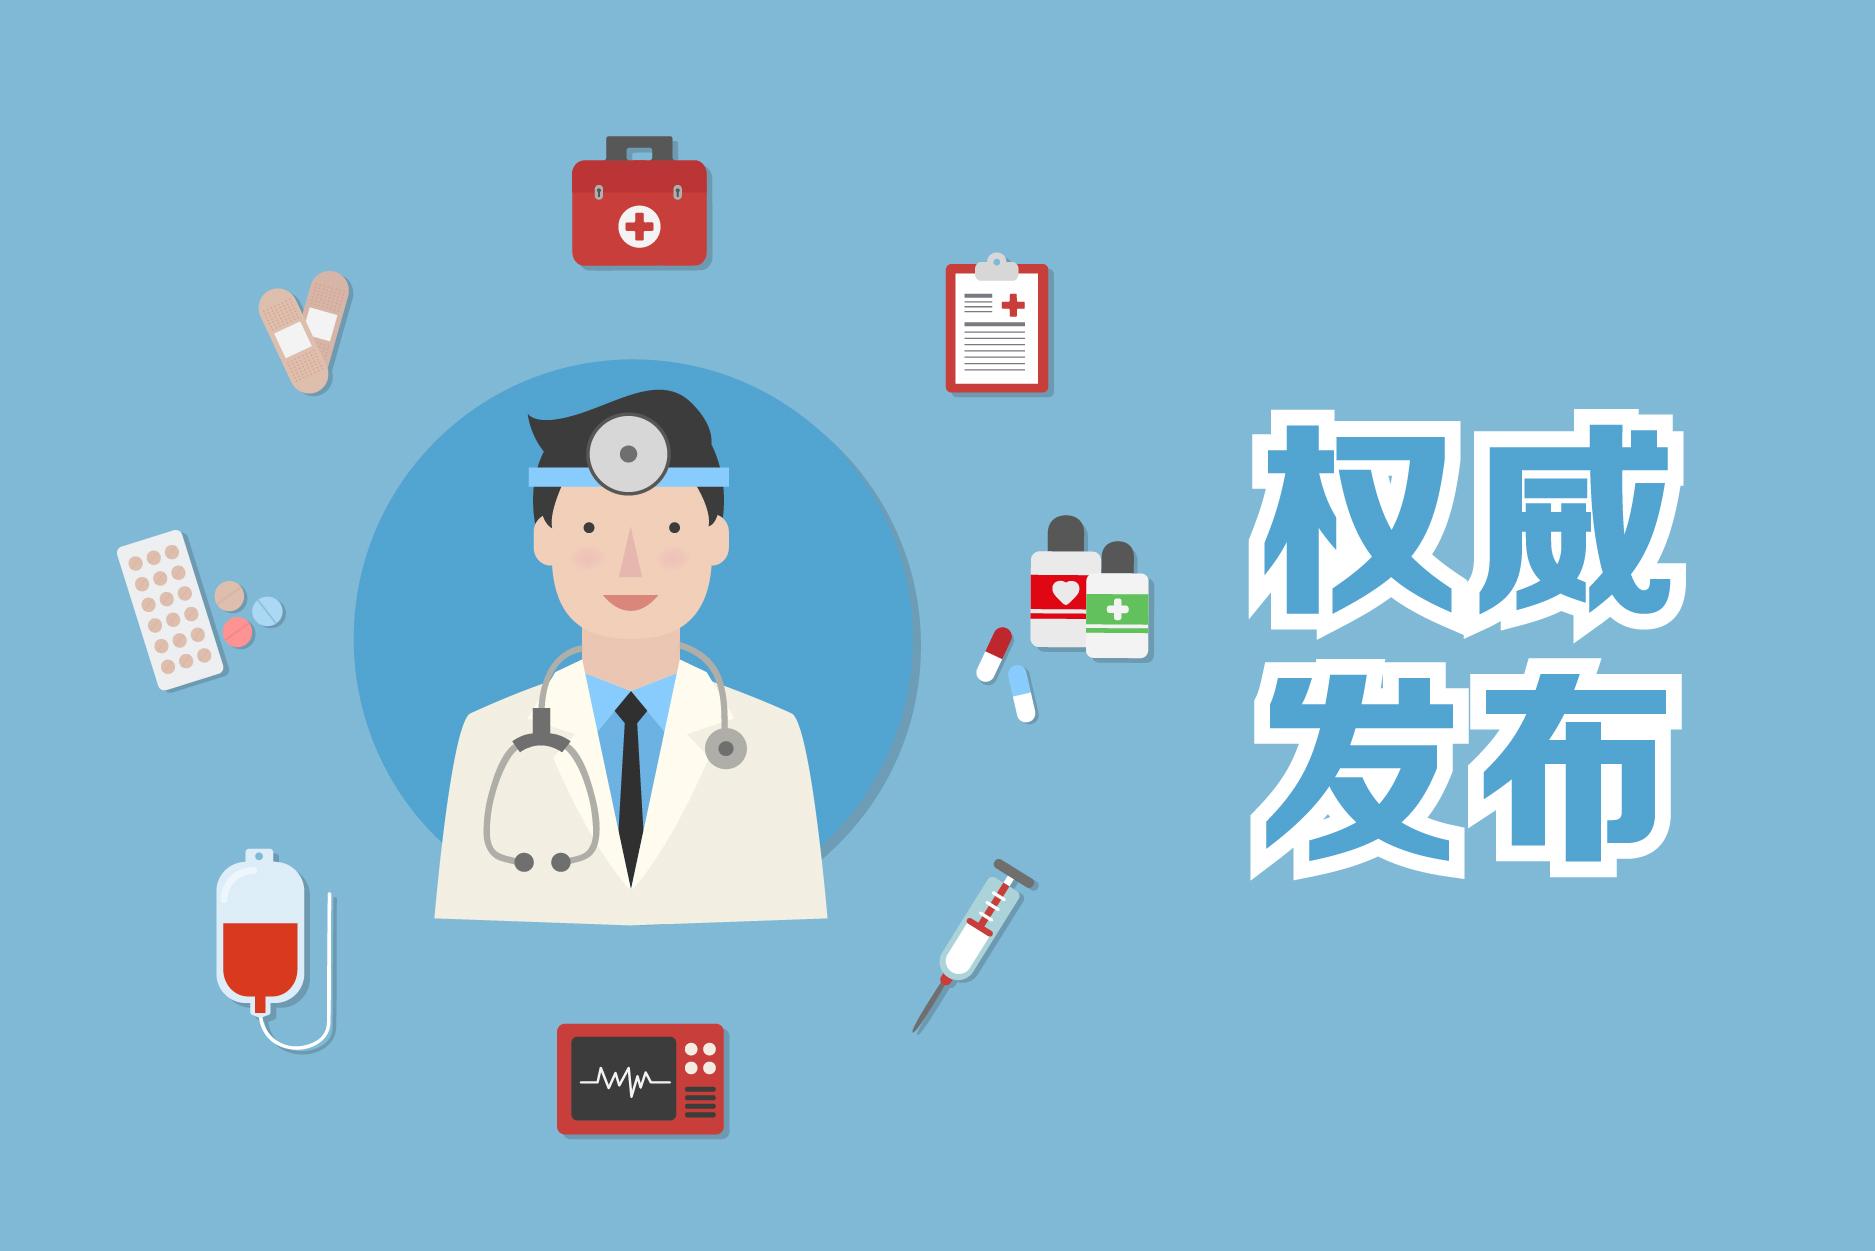 2017年中国居民健康素养水平为14.18%